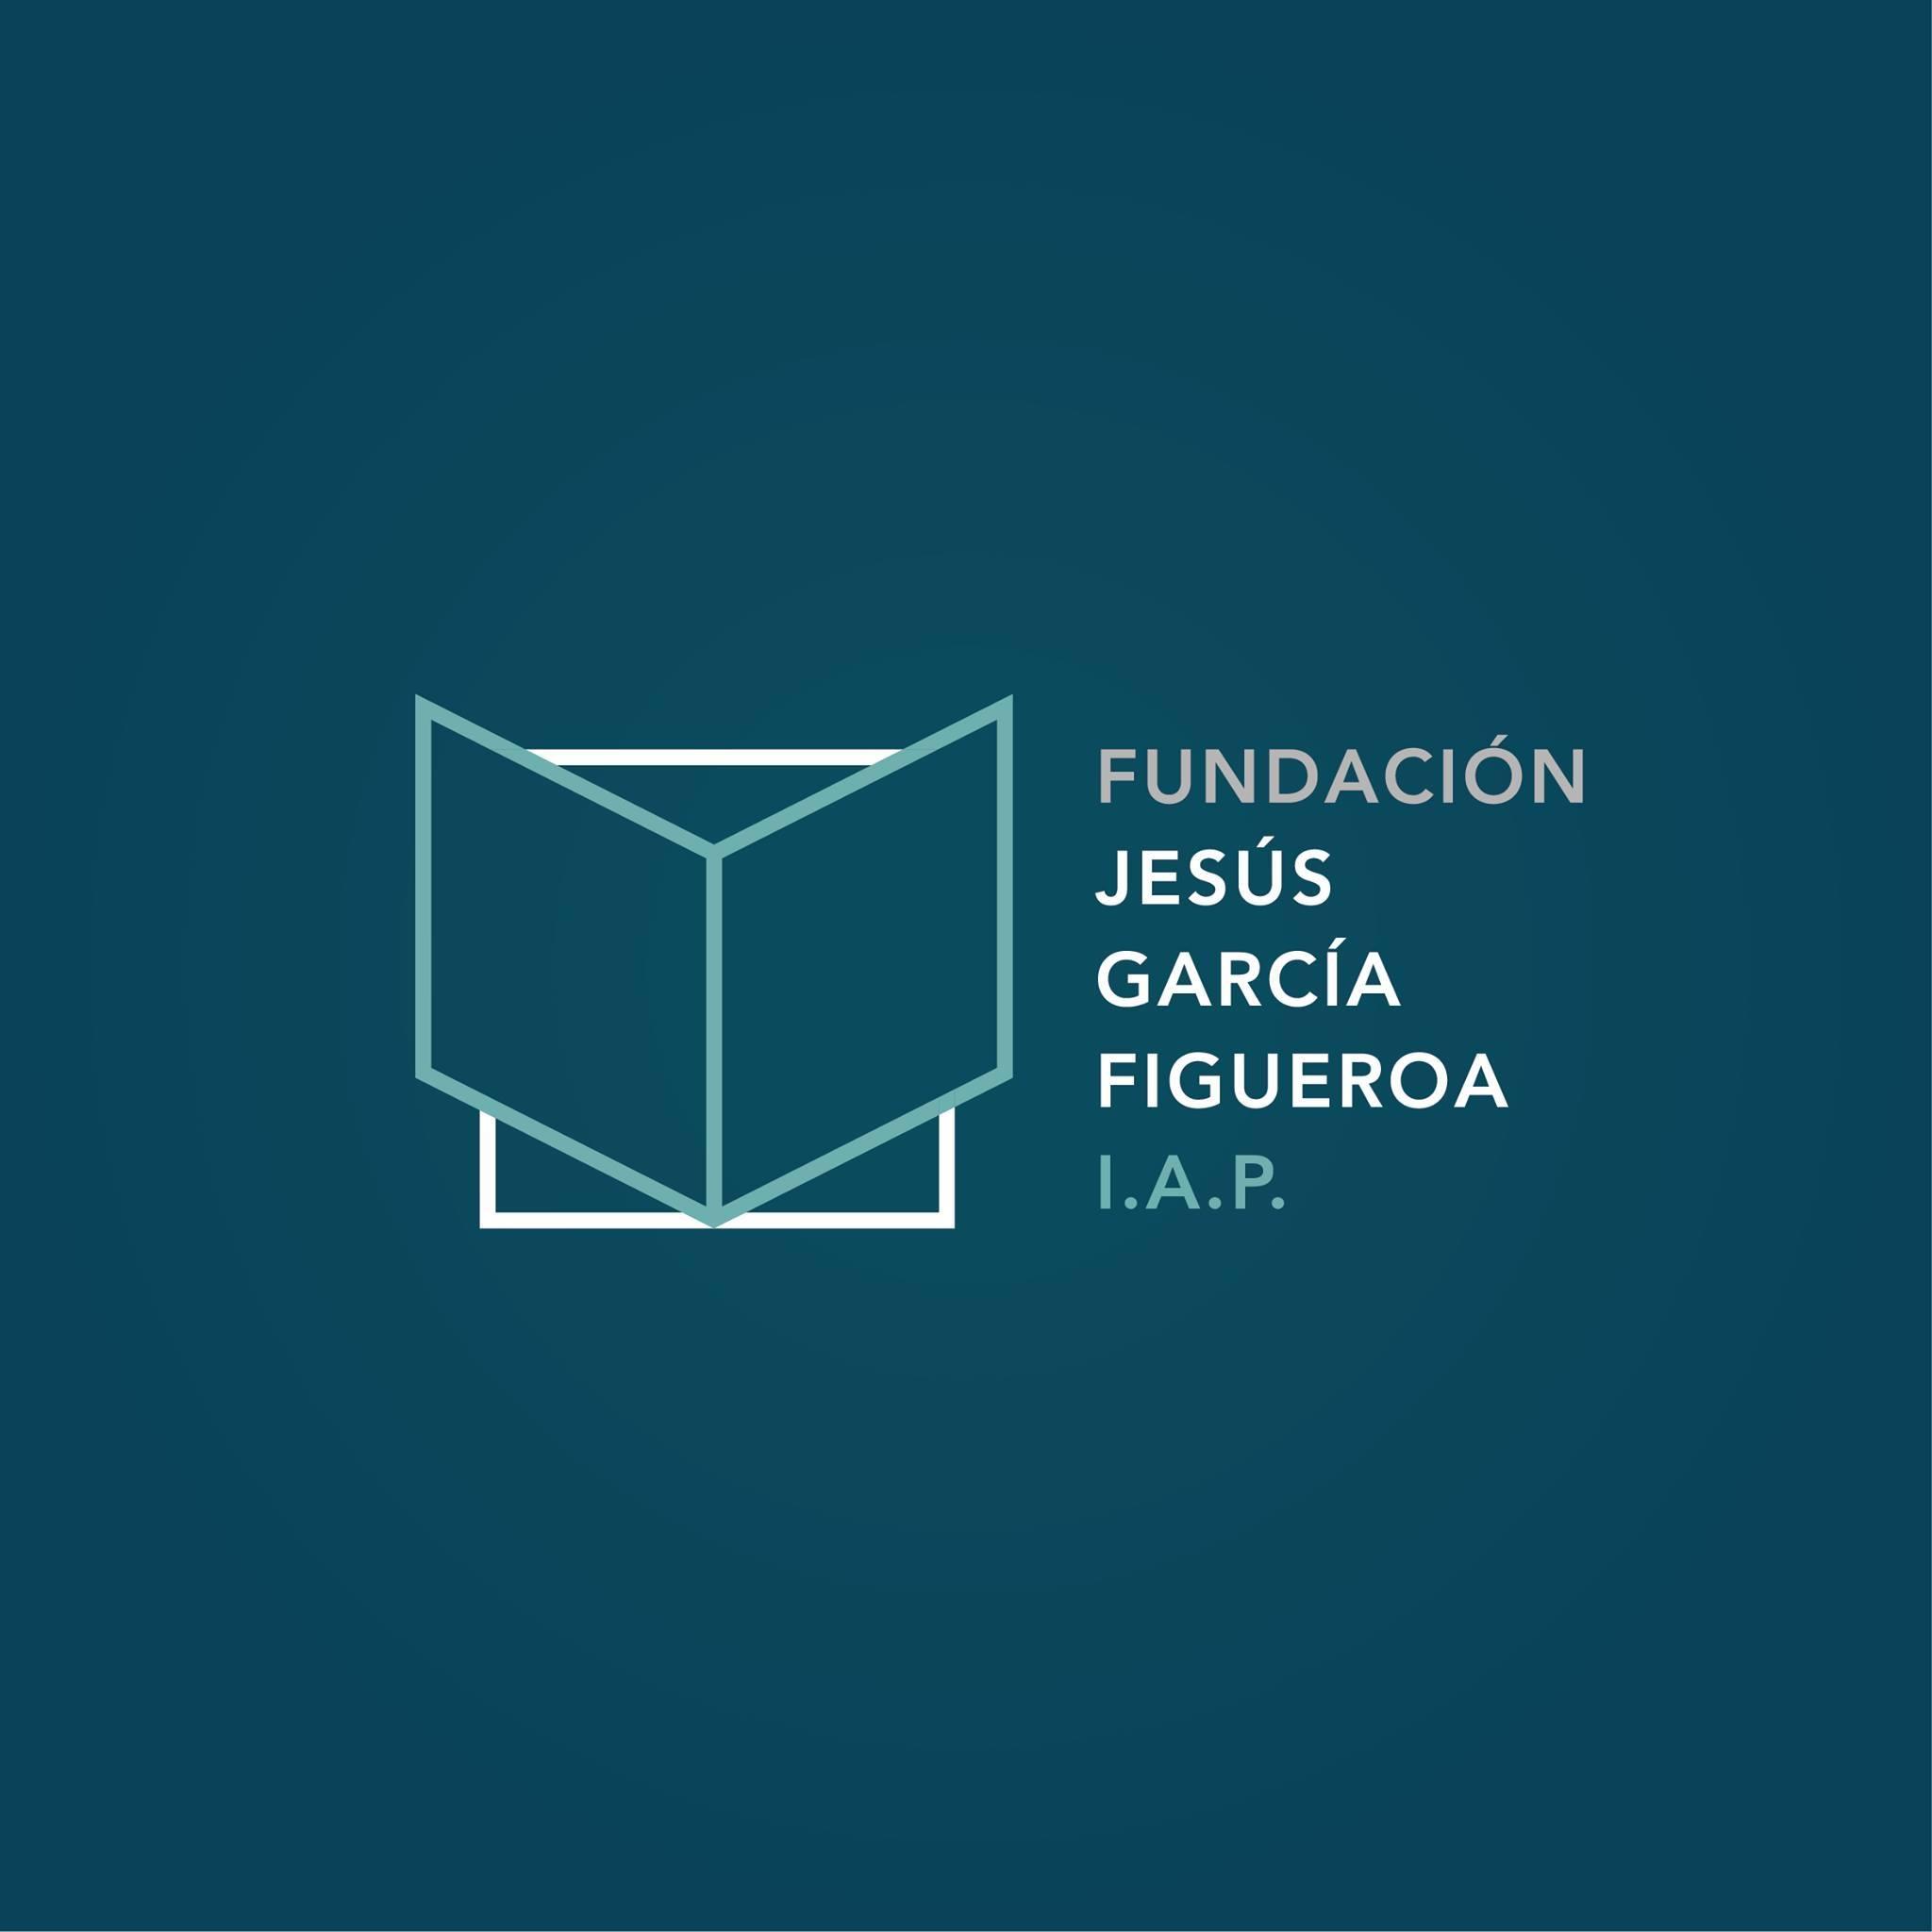 Fundación Jesús García Figueroa beca a estudiantes desde hace poco más de 29 años